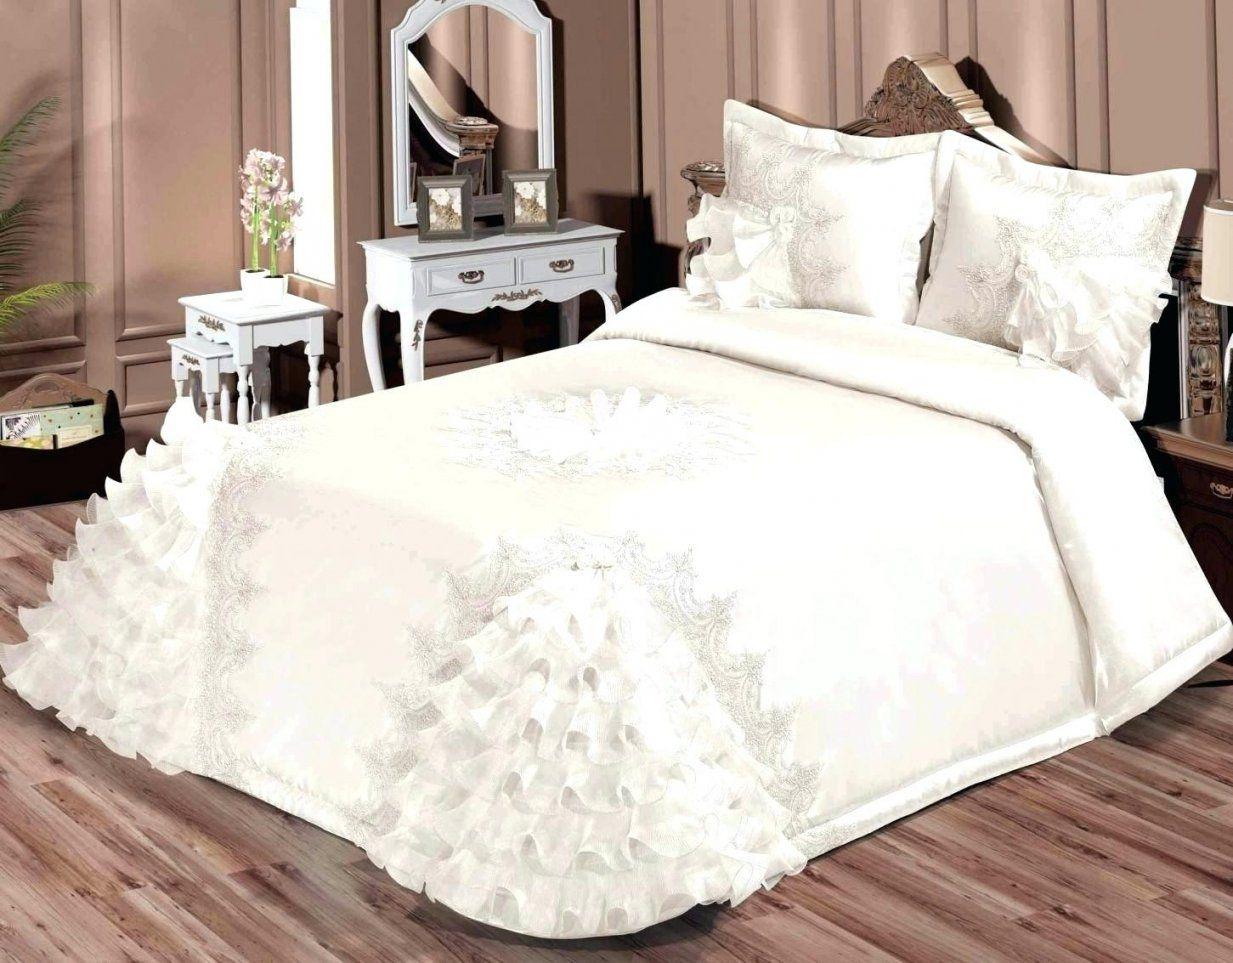 Tagesdecke Doppelbett Ziemlich Bett 180×200 Tagesdecken Fur Betten von Tagesdecke Für Bett 180X200 Photo